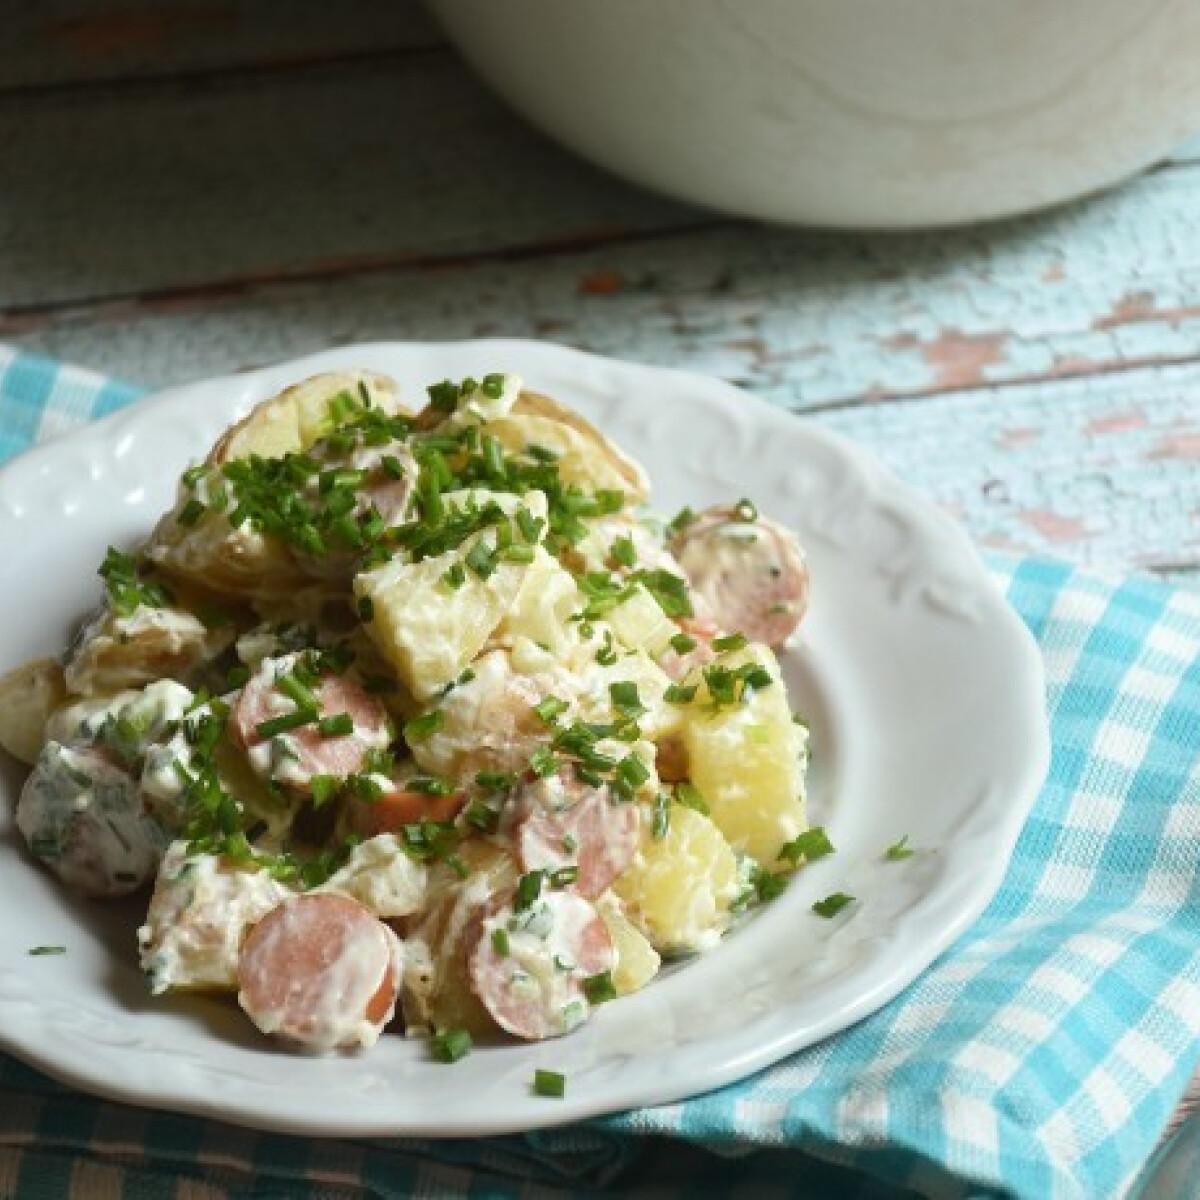 Ezen a képen: Német újkrumplis virslisaláta